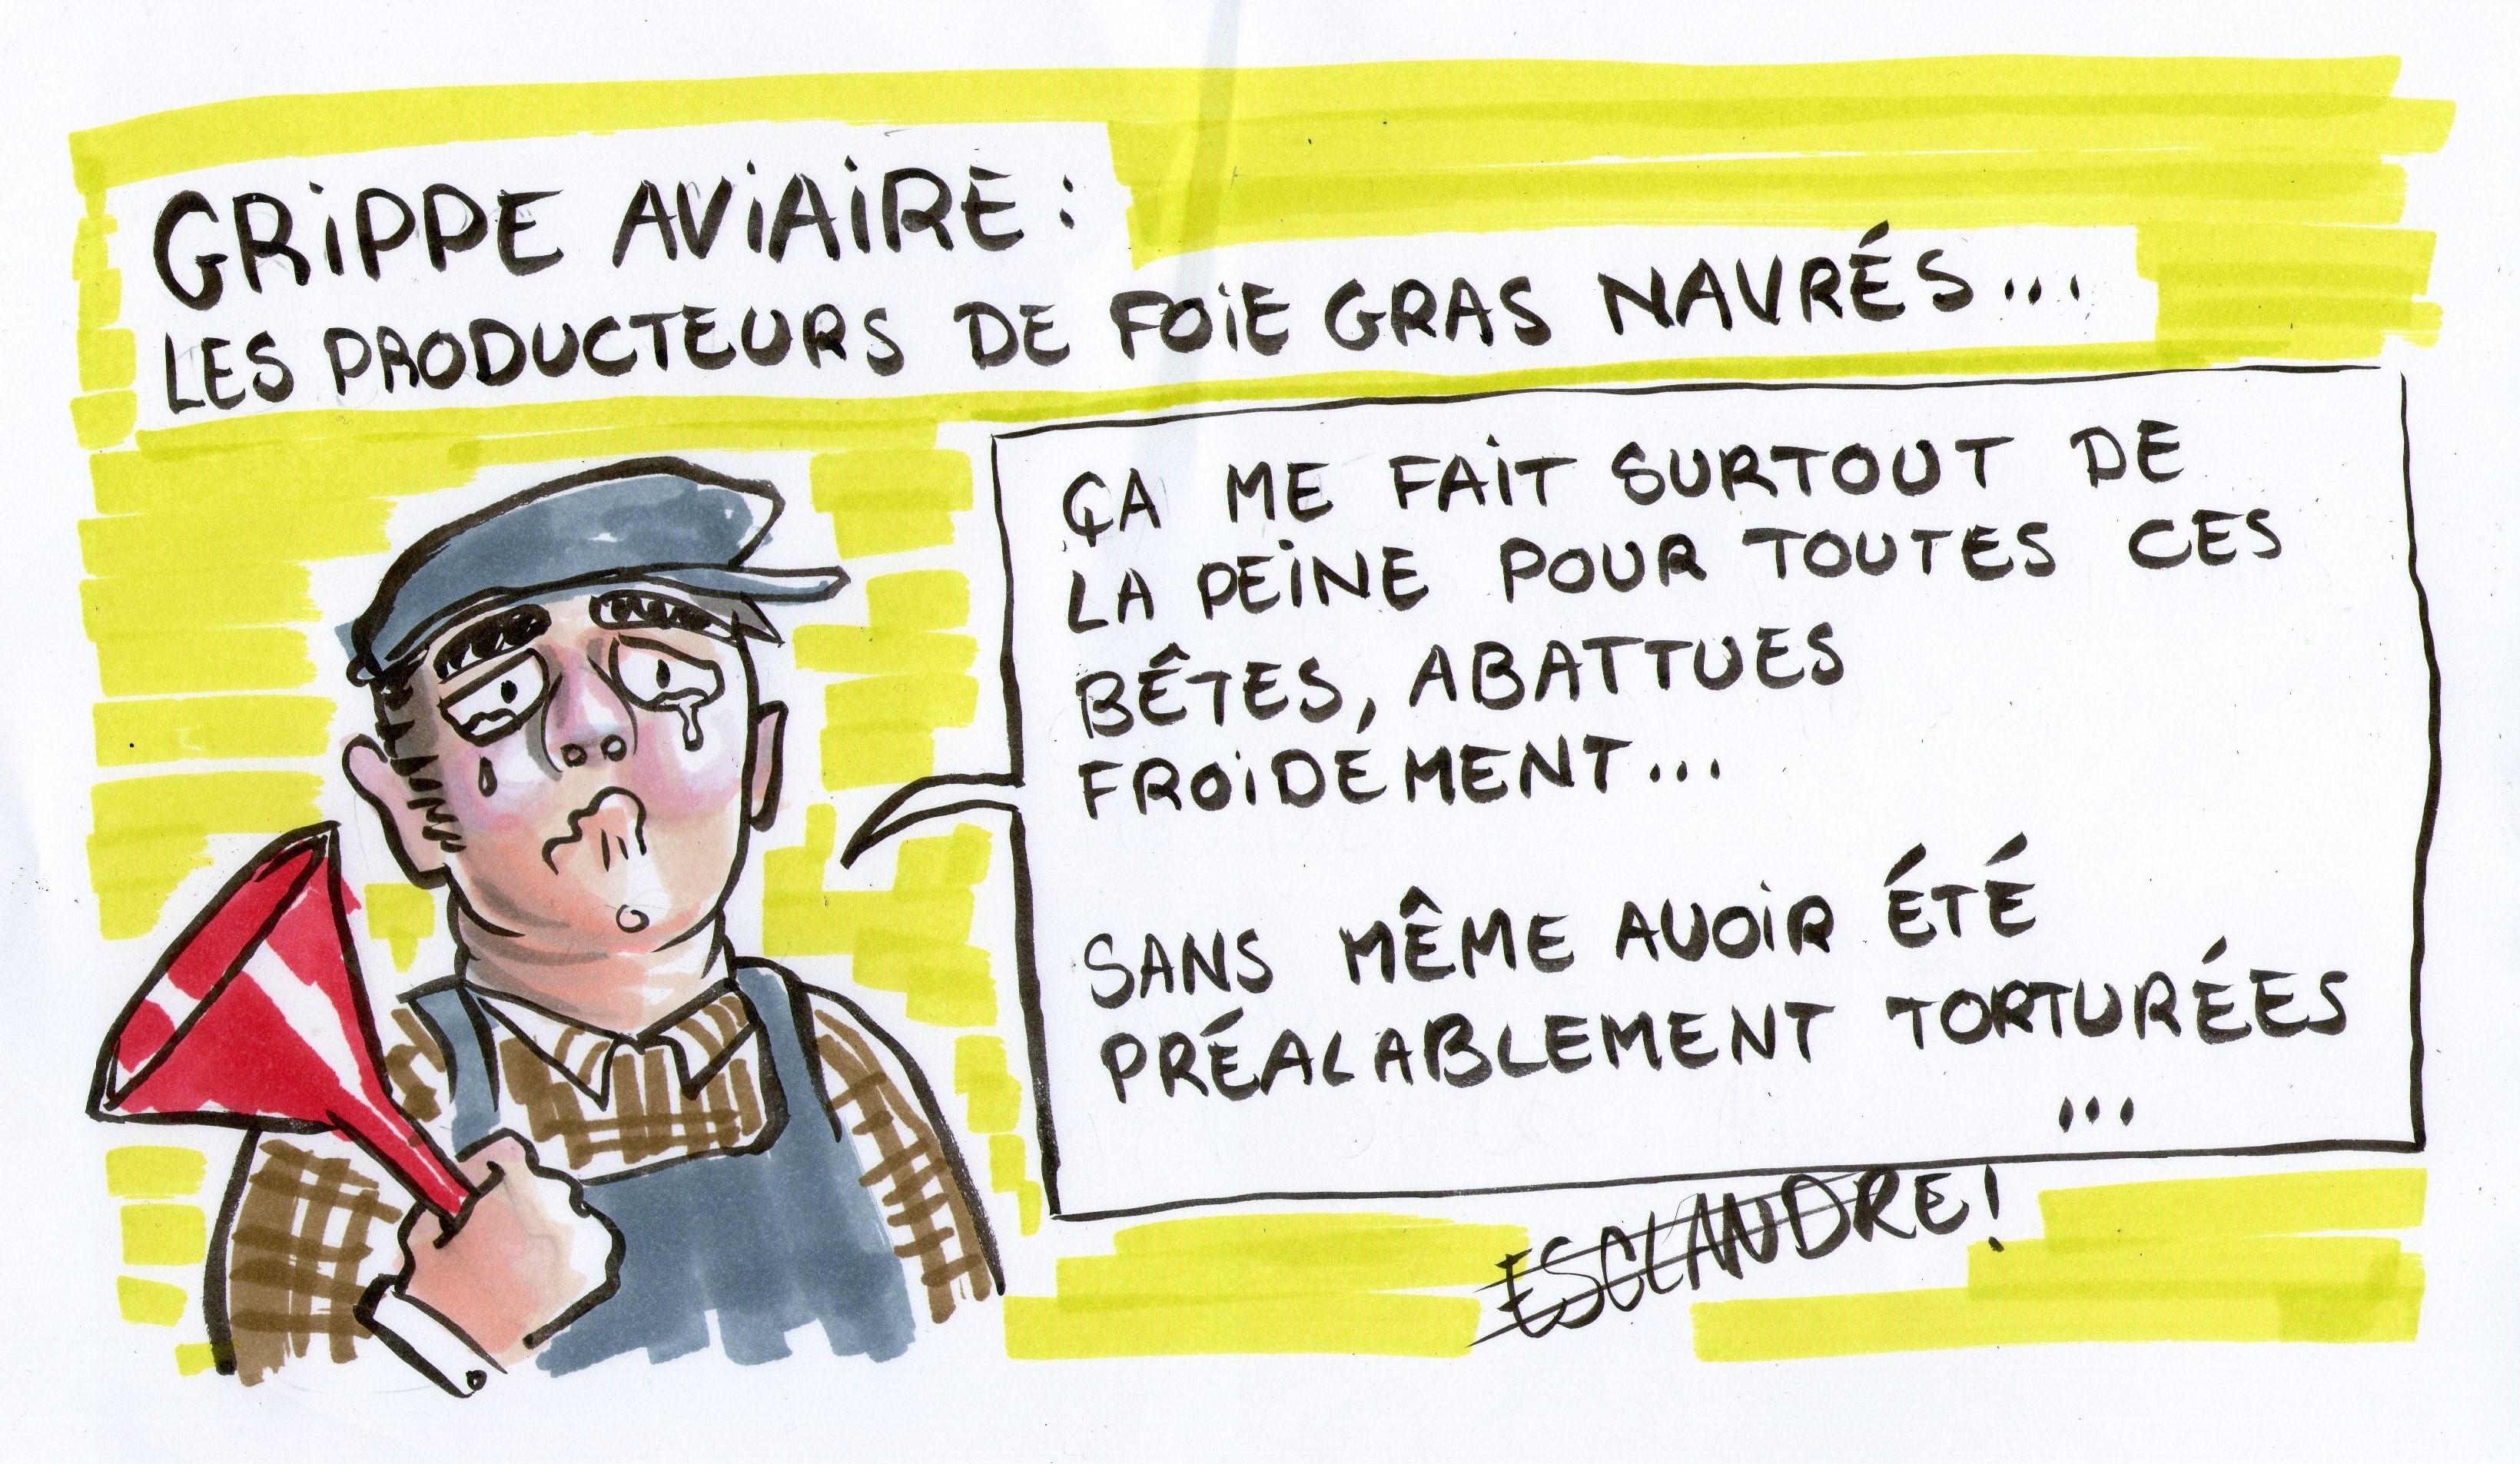 Grippe aviaire : les producteurs de foie gras navrés